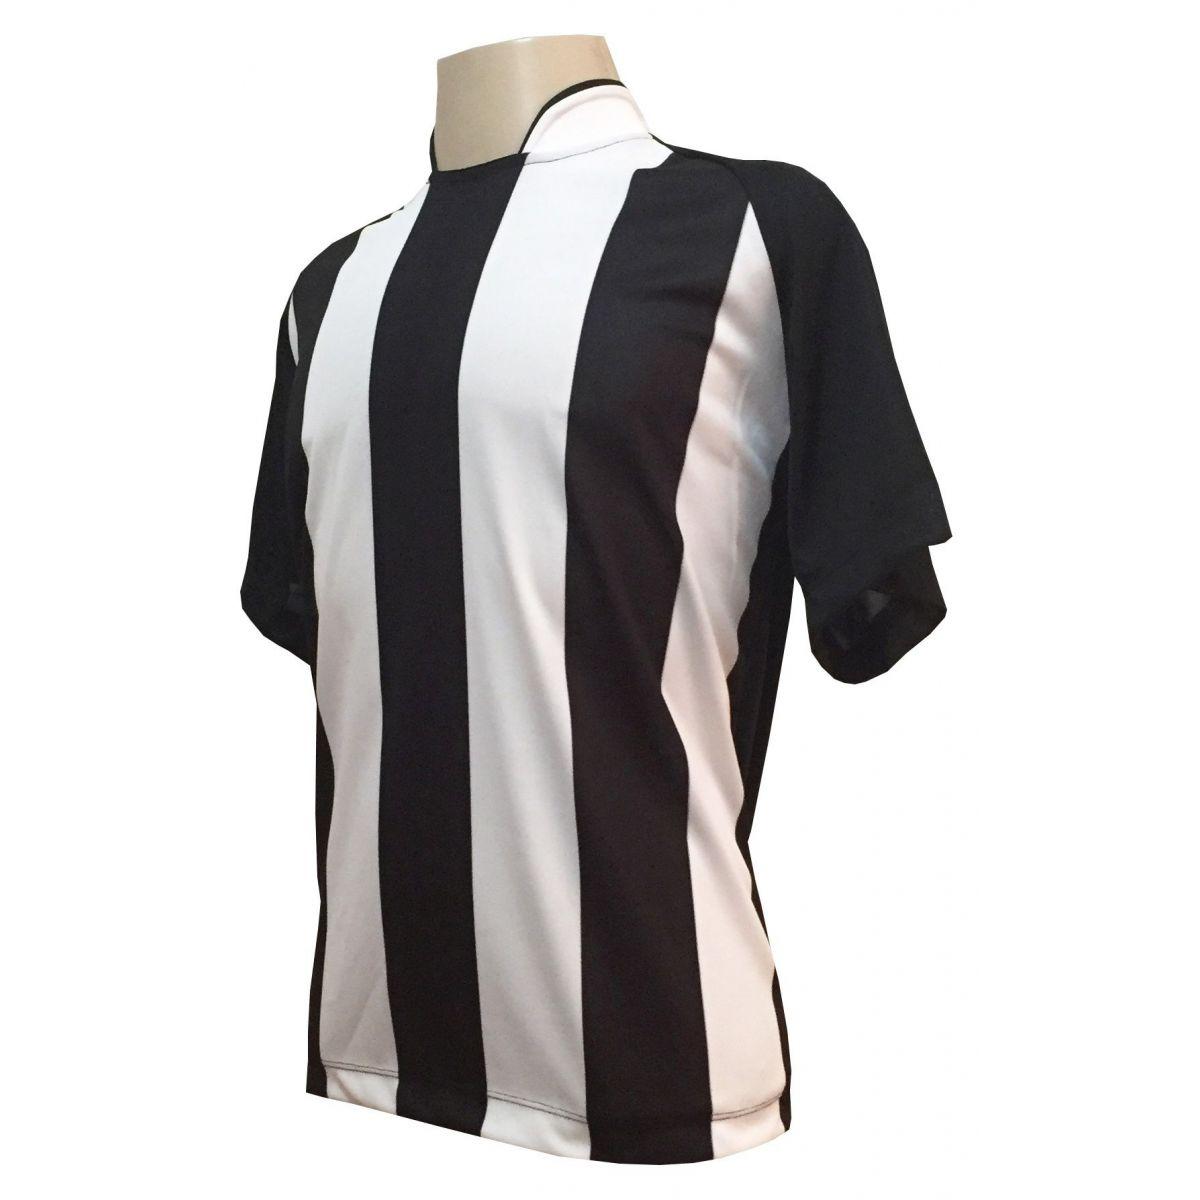 Jogo de Camisa com 12 unidades modelo Milan Preto/Branco